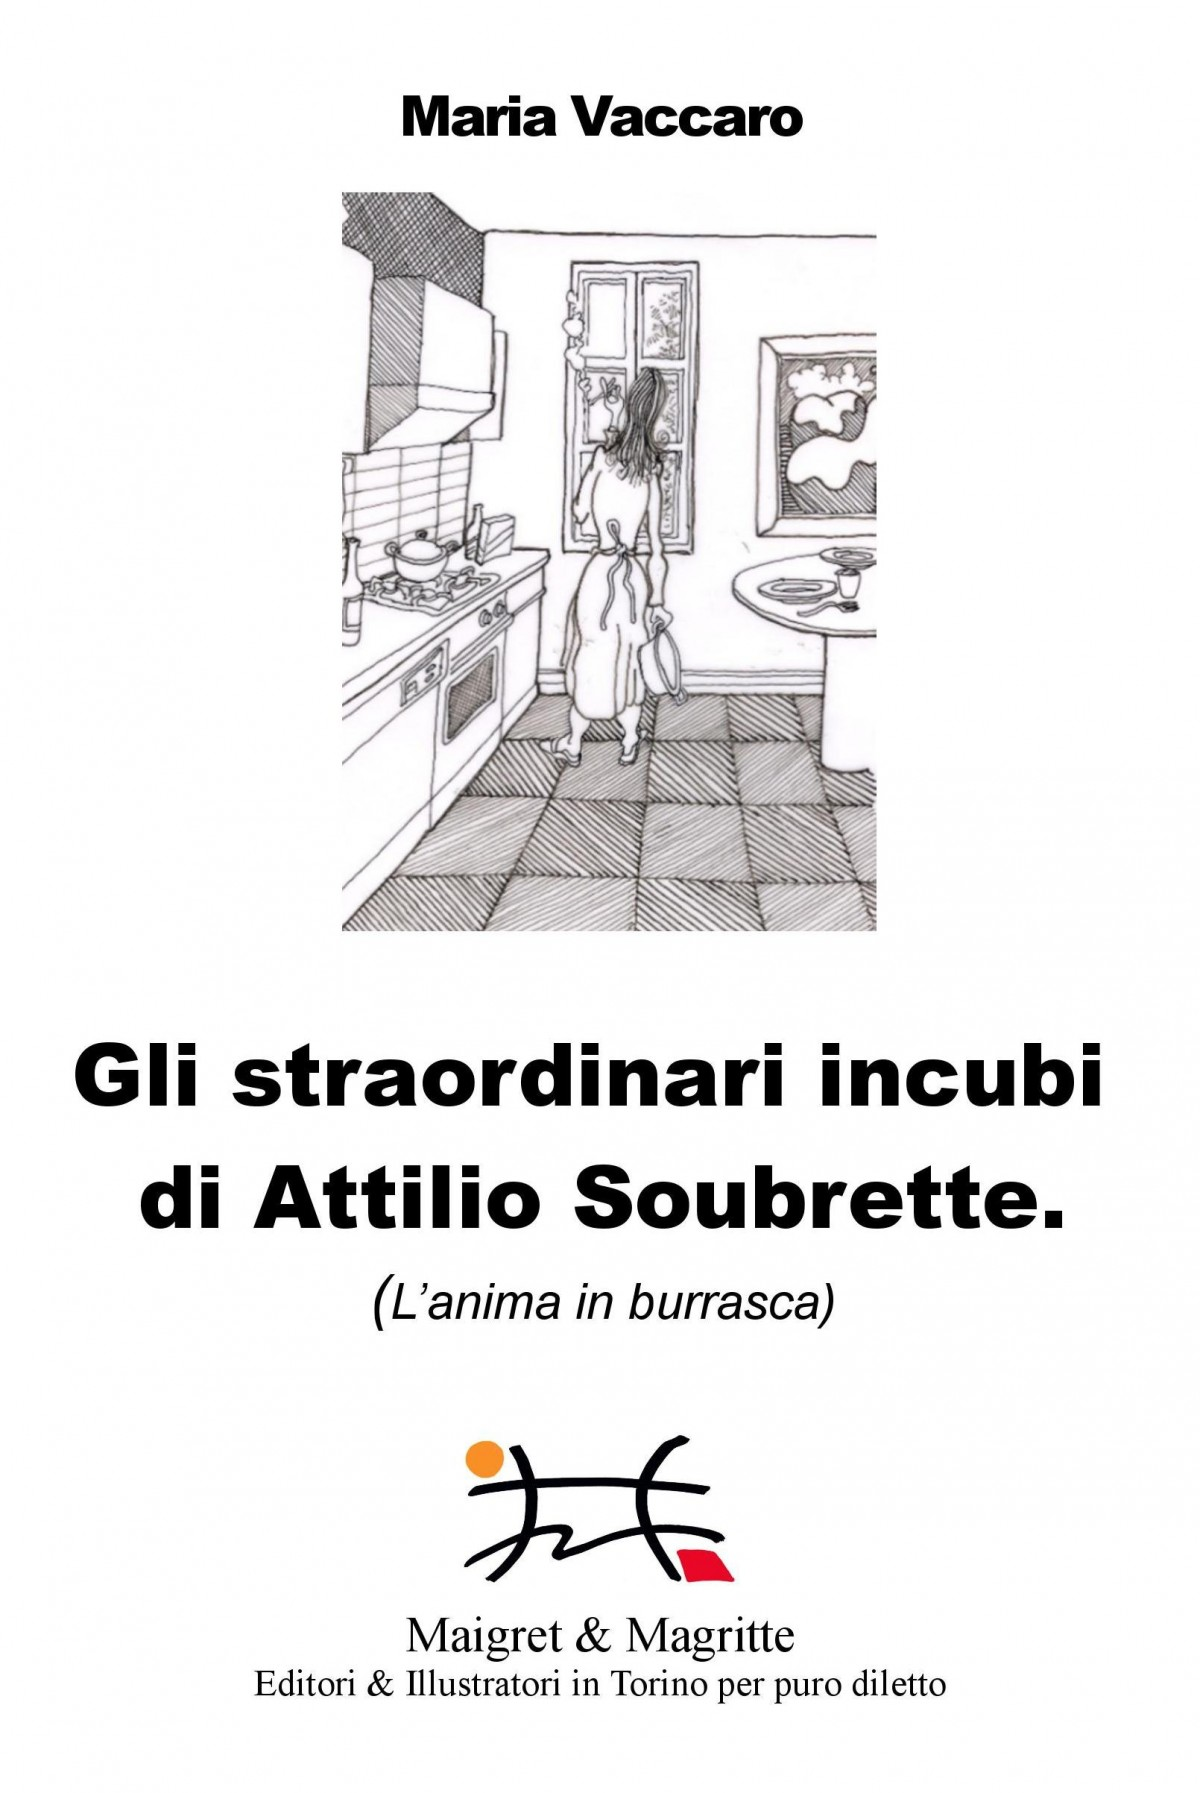 Gli straorindari incubi di Attilio Soubrette di Maria Vaccaro